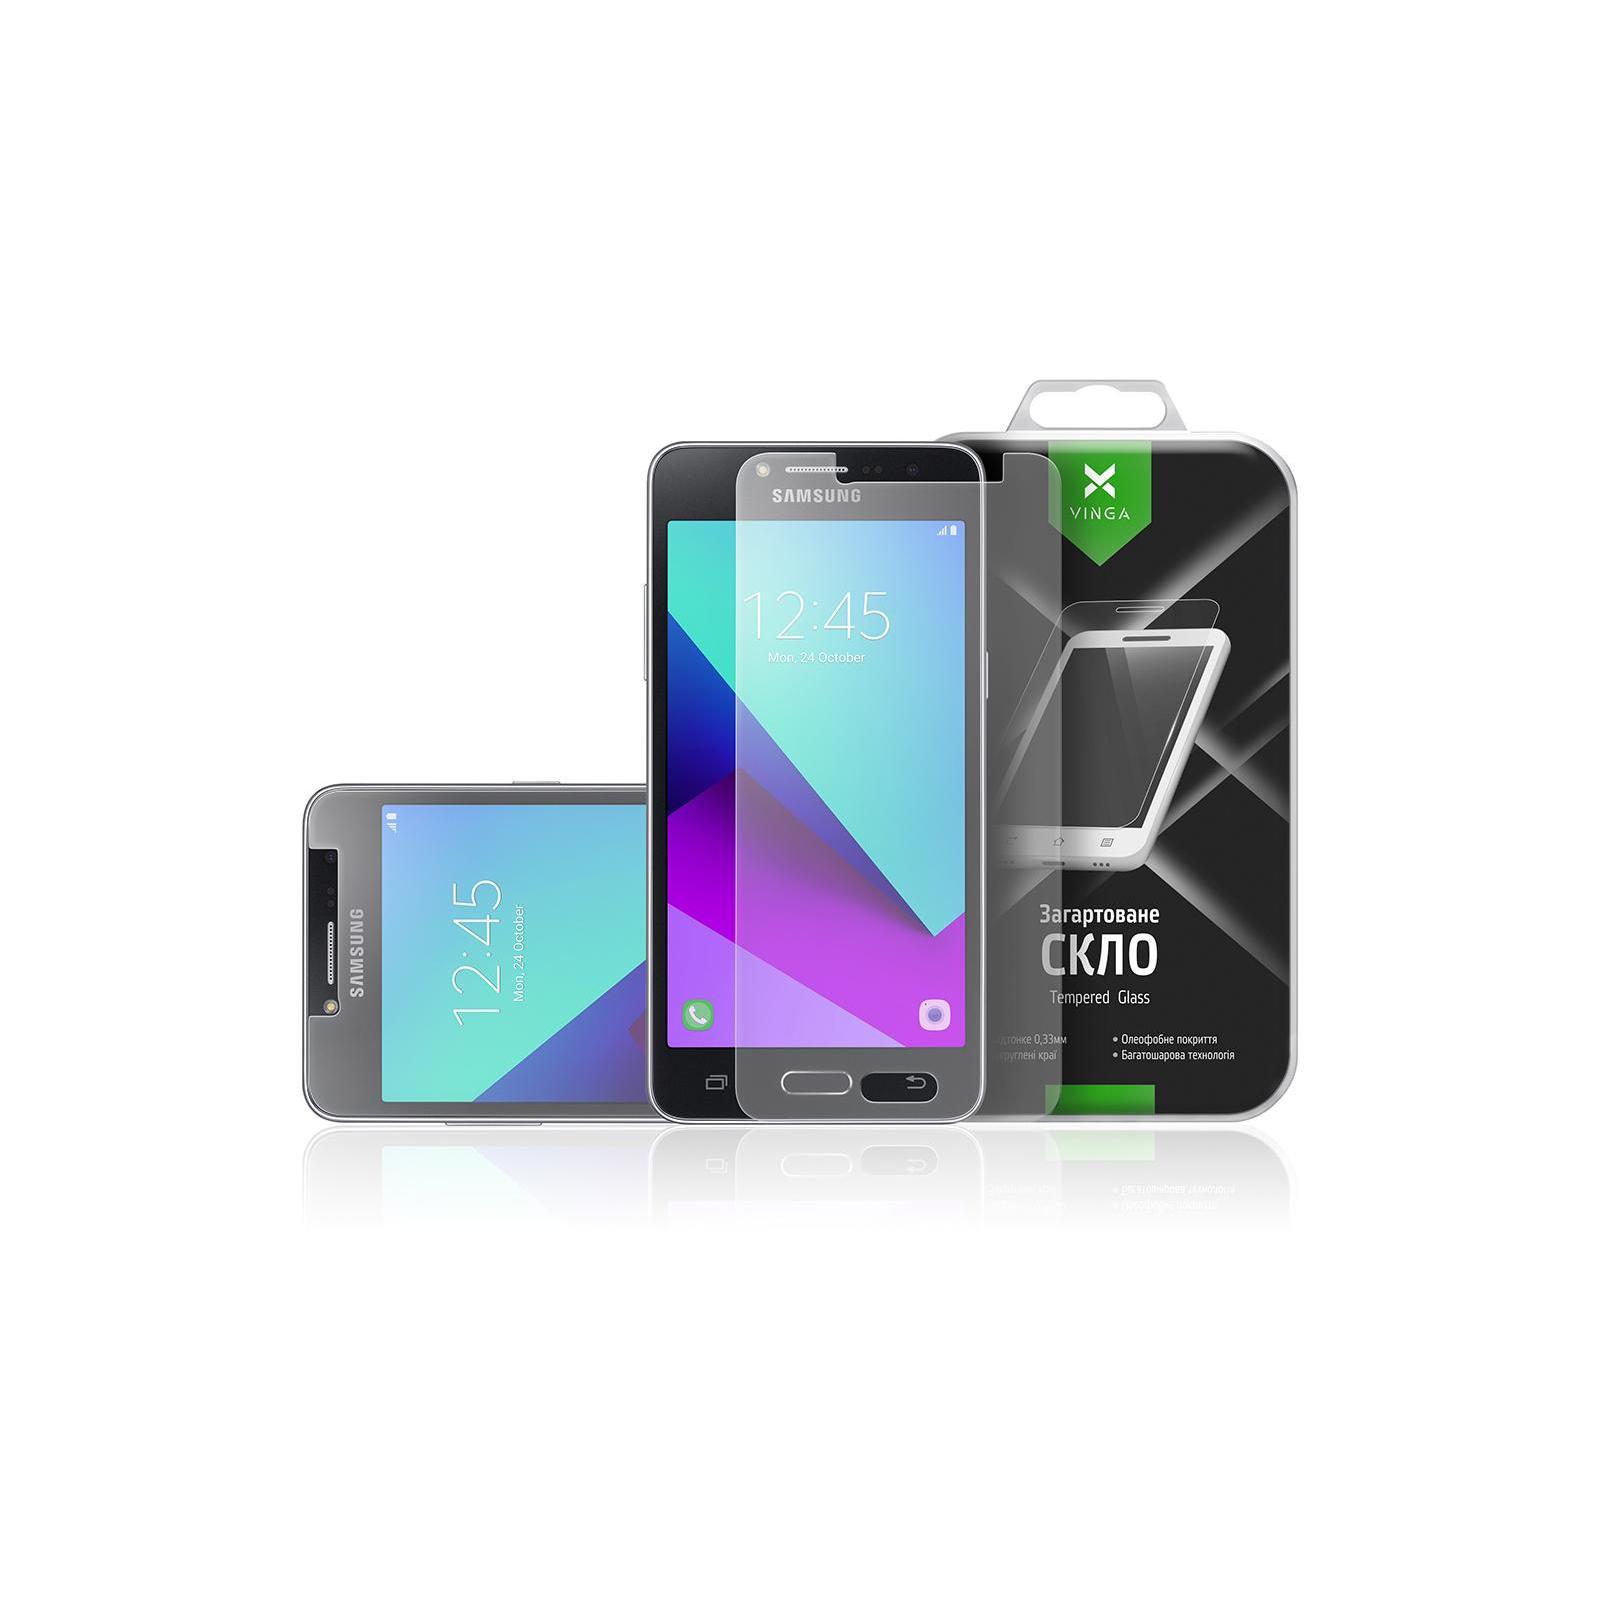 Стекло защитное Vinga для Samsung Galaxy J2 Prime (2018) G532 (VTPGS-G532)